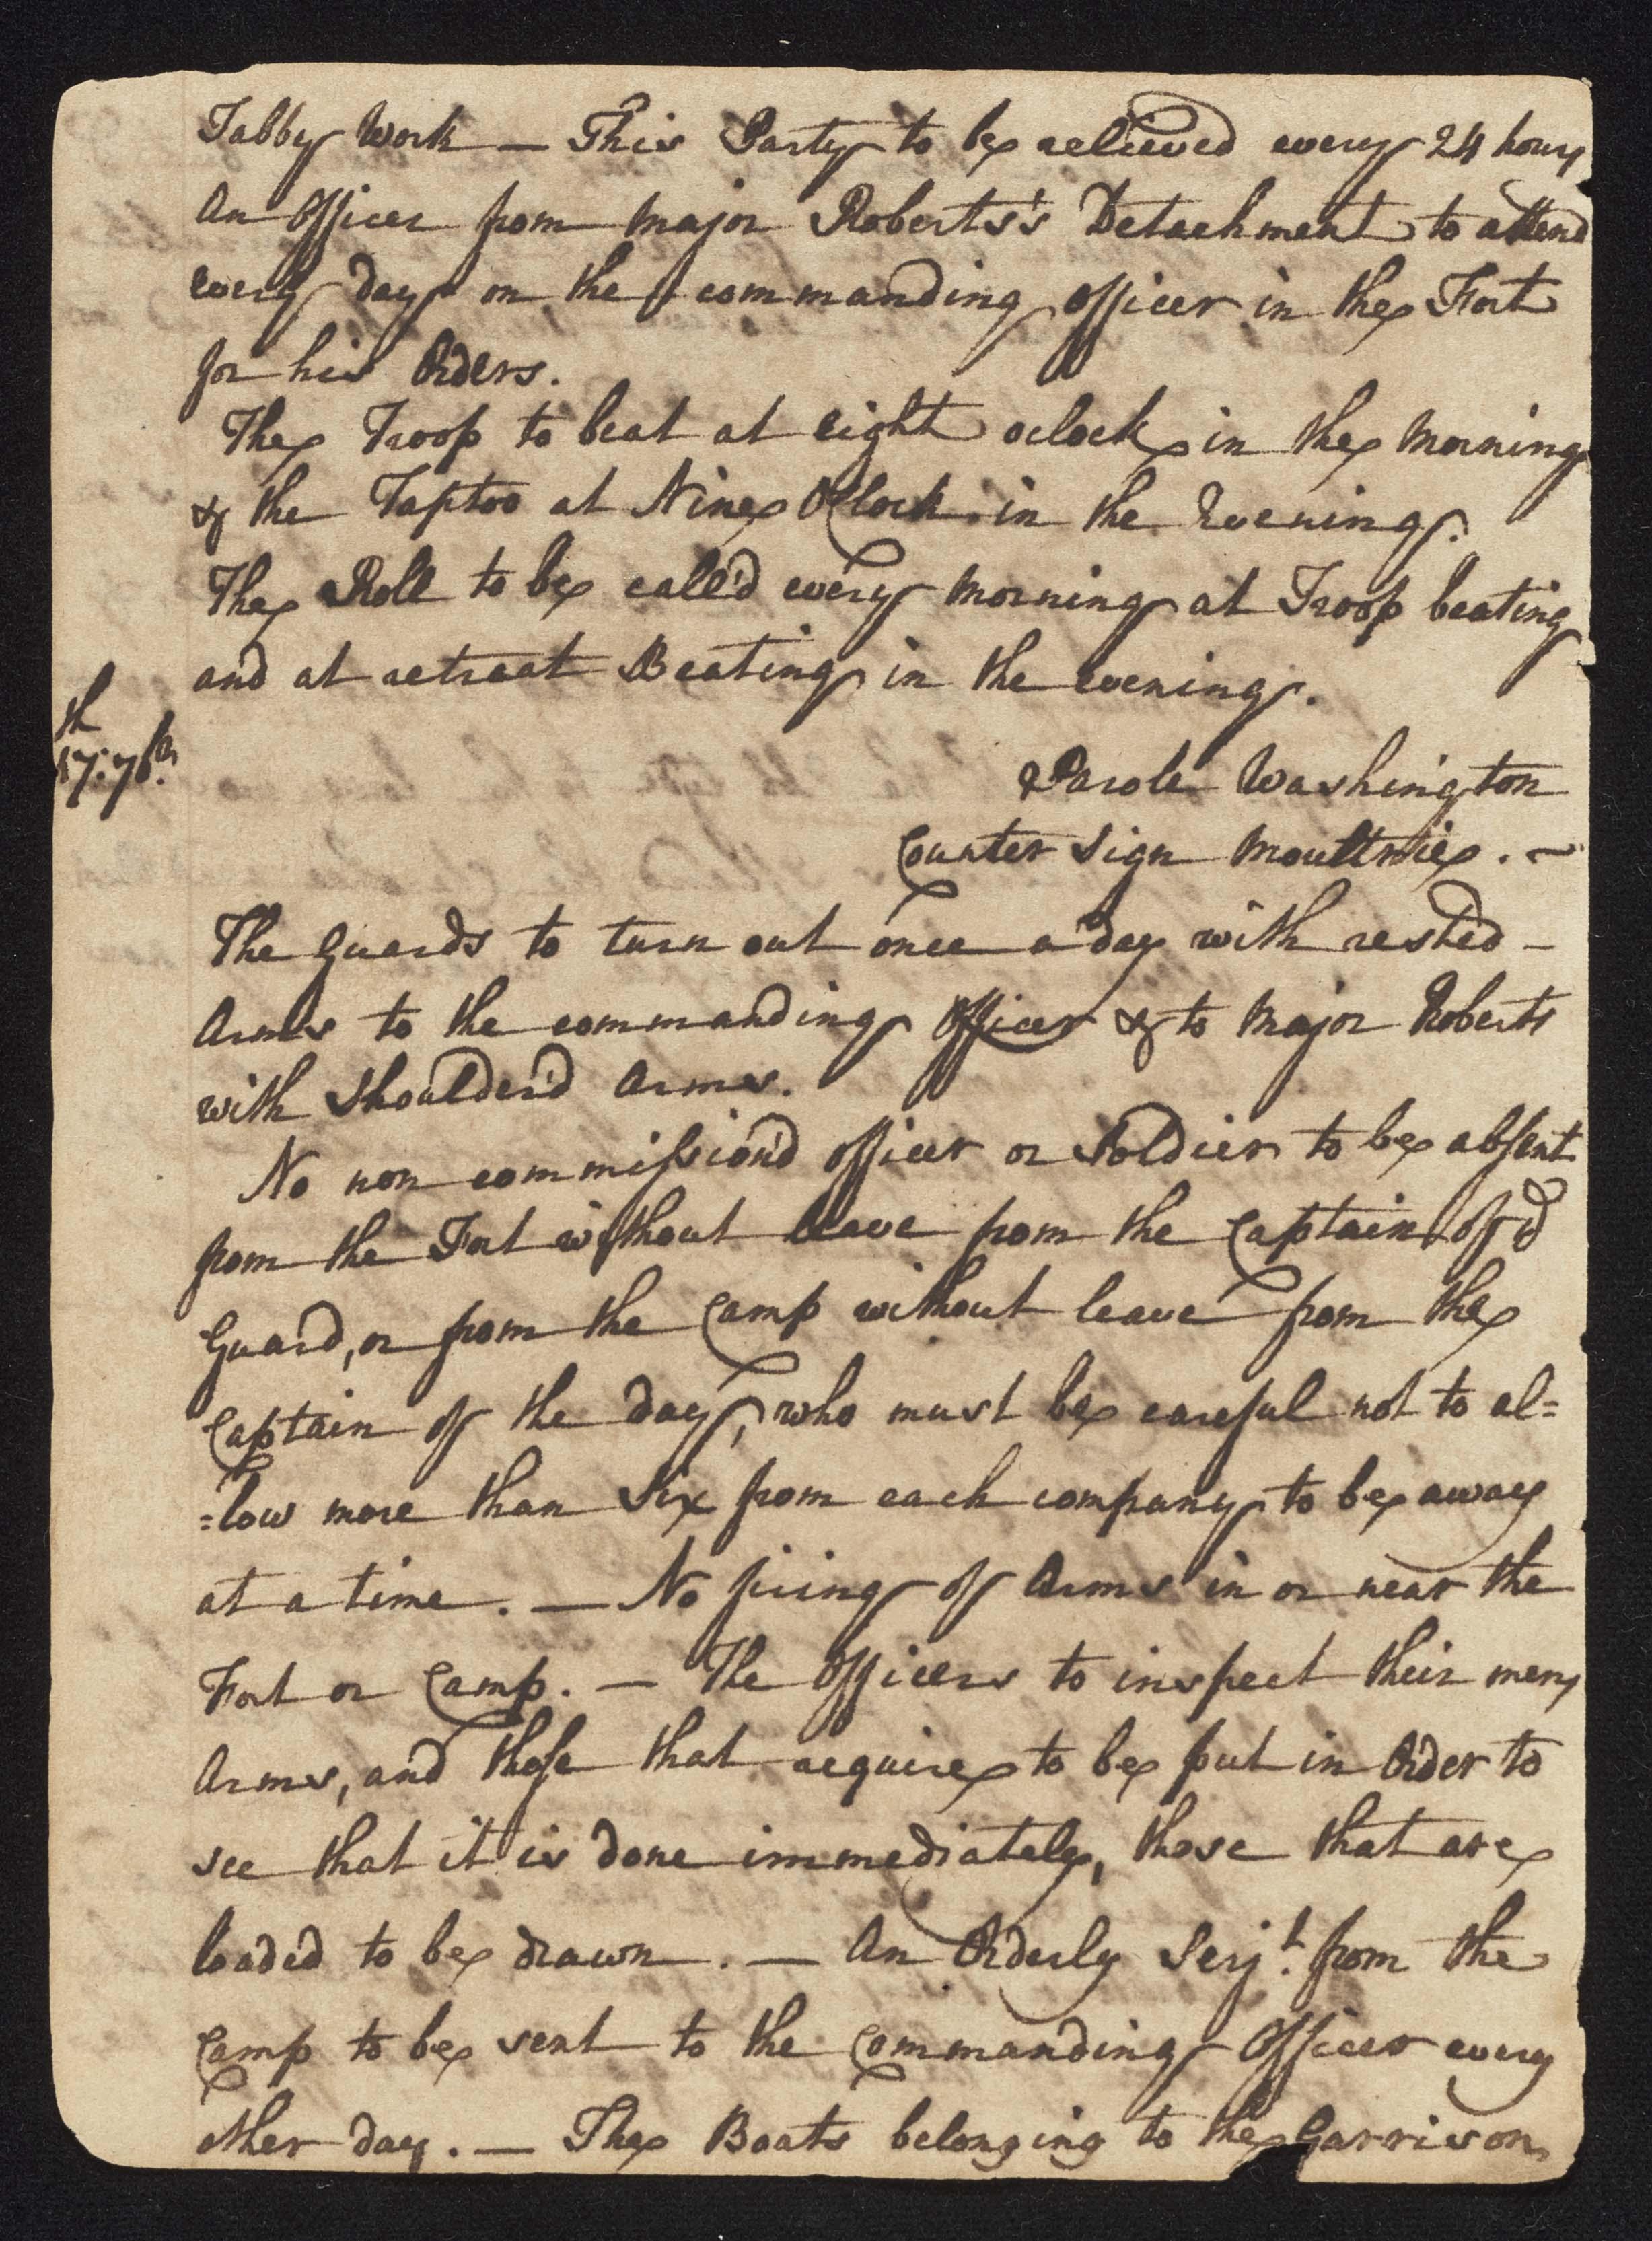 South Carolina Regiment Order Book, Page 20